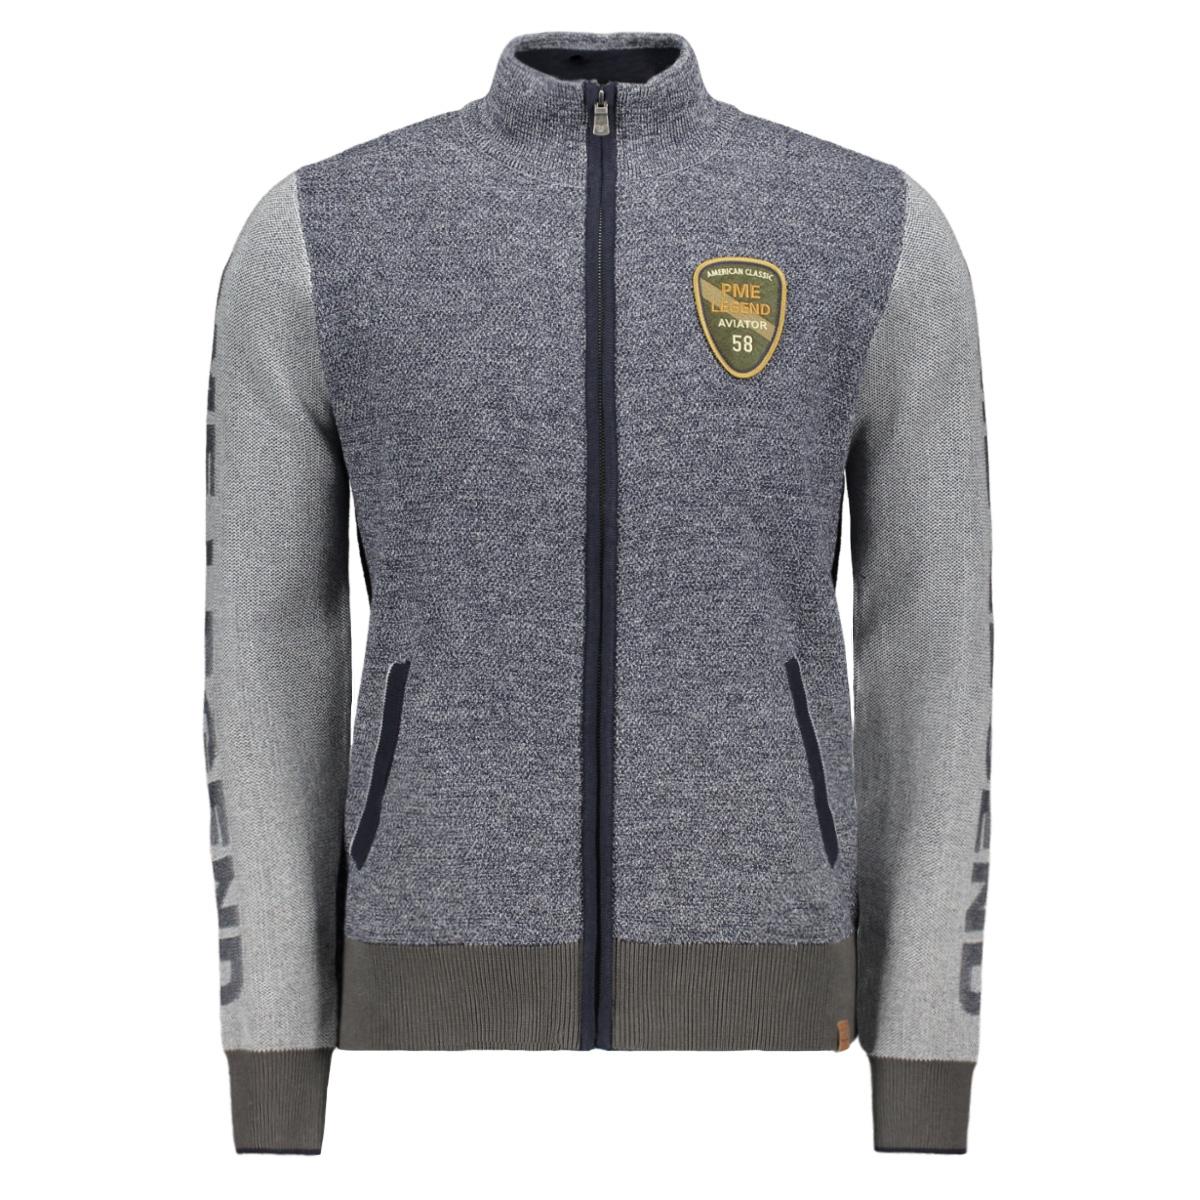 cotton zip jacket pkc195320 pme legend vest 5281